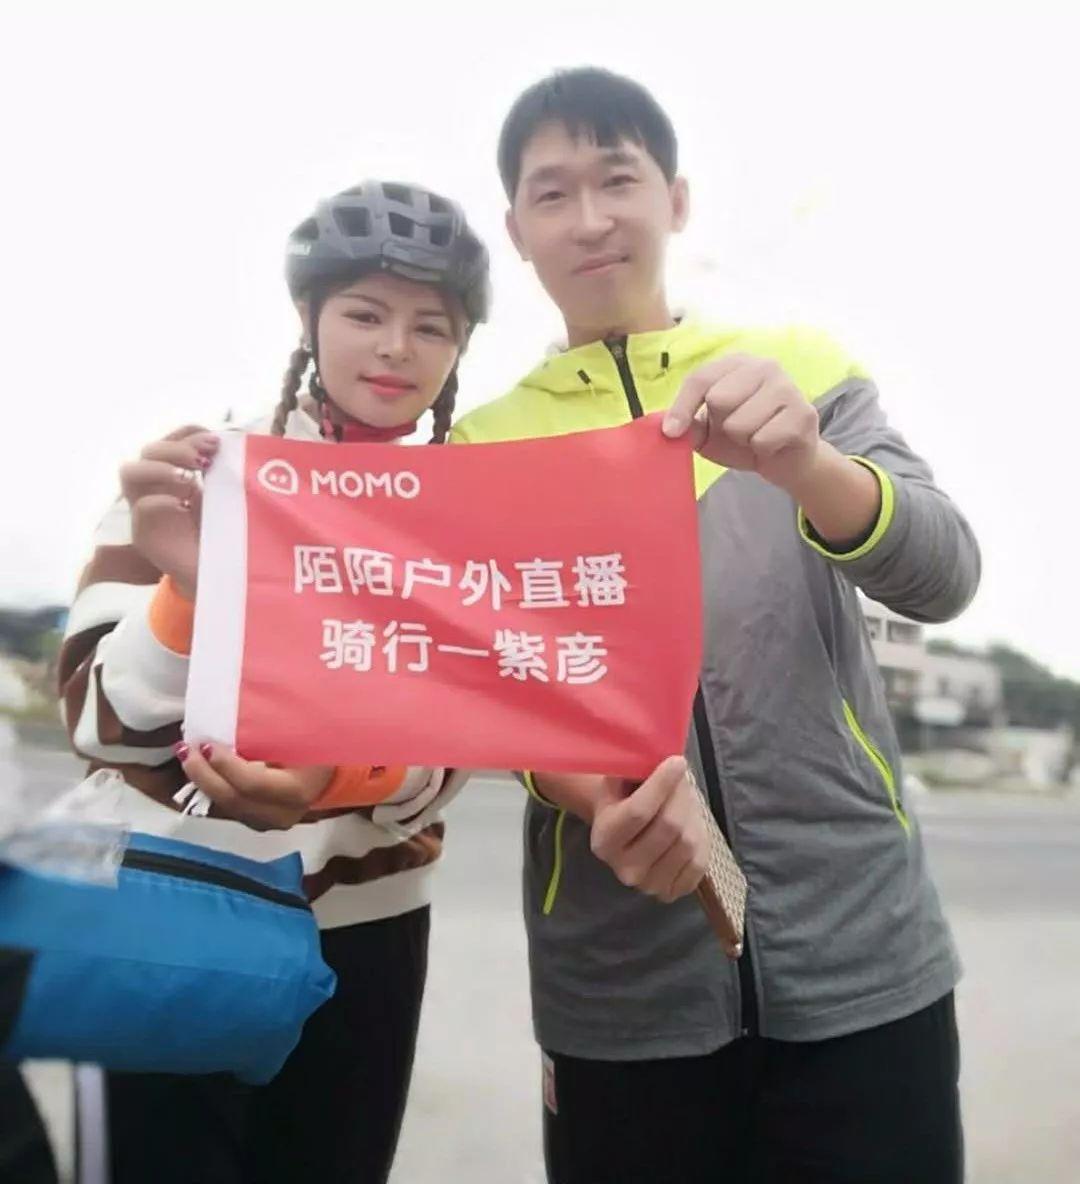 第二次厦门到深圳,1400多公里,路上偶遇中年老师骑行队,跟着骑图片